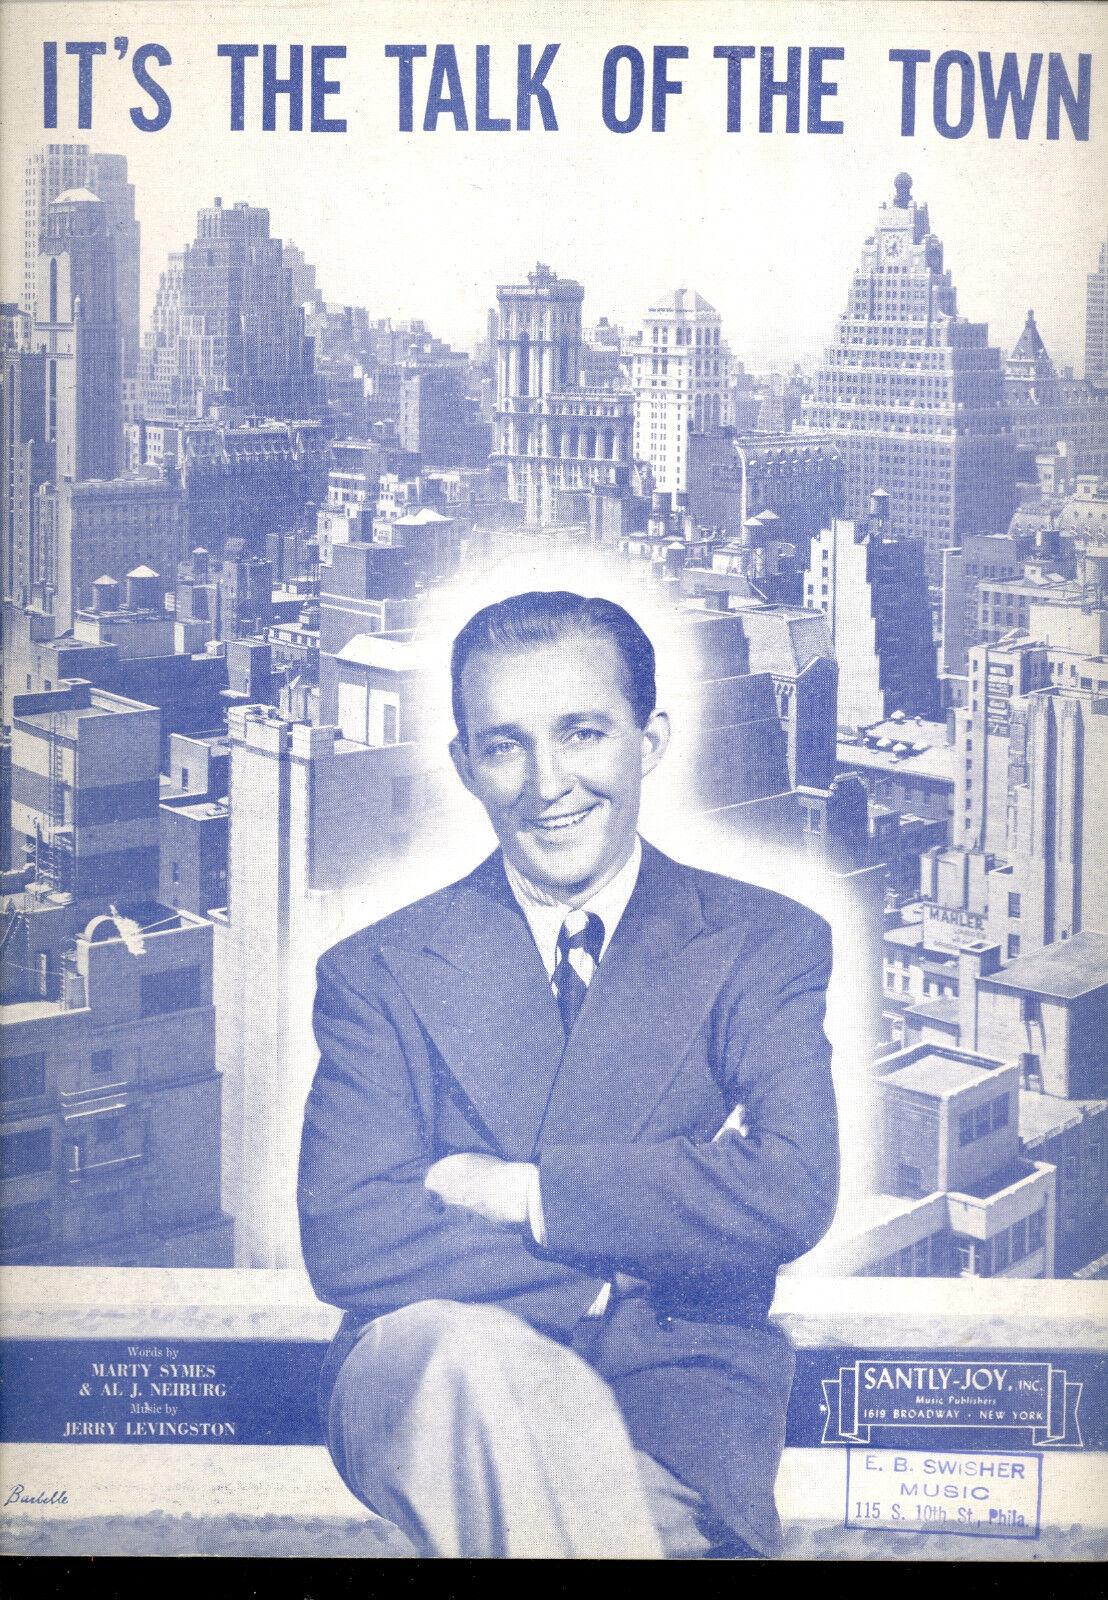 Bing Crosby Crosby Crosby partituras  es el Talk of the Town  637ebd